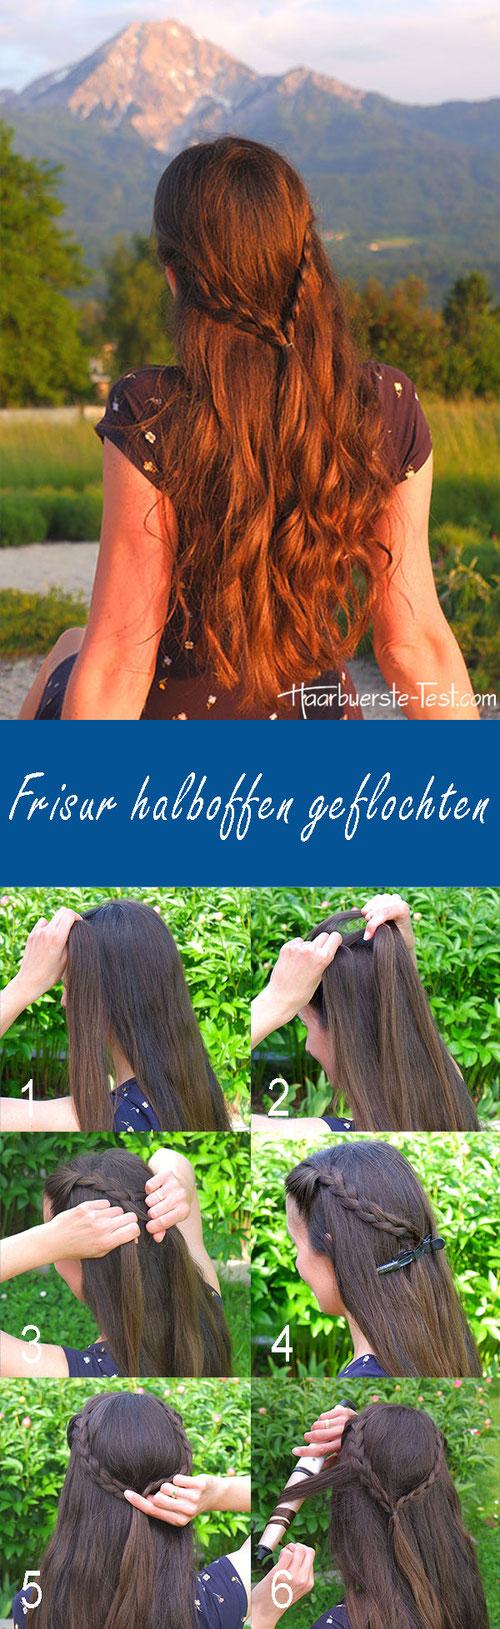 Frisur halboffen Anleitung, halboffene geflochtene Frisur, Strandfrisur